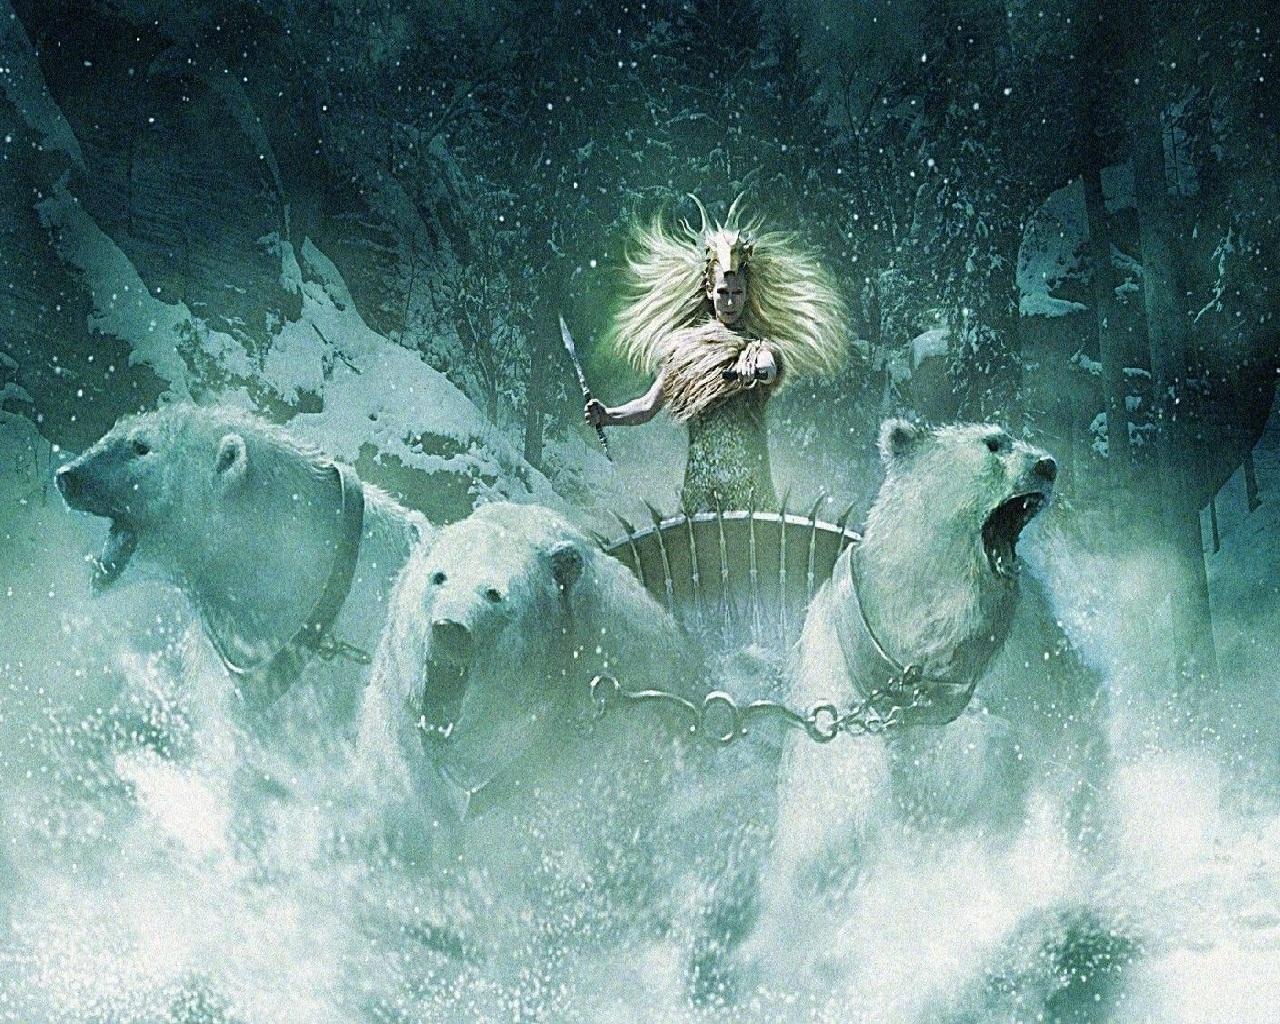 Winter Witch wallpaper   ForWallpapercom 1280x1024